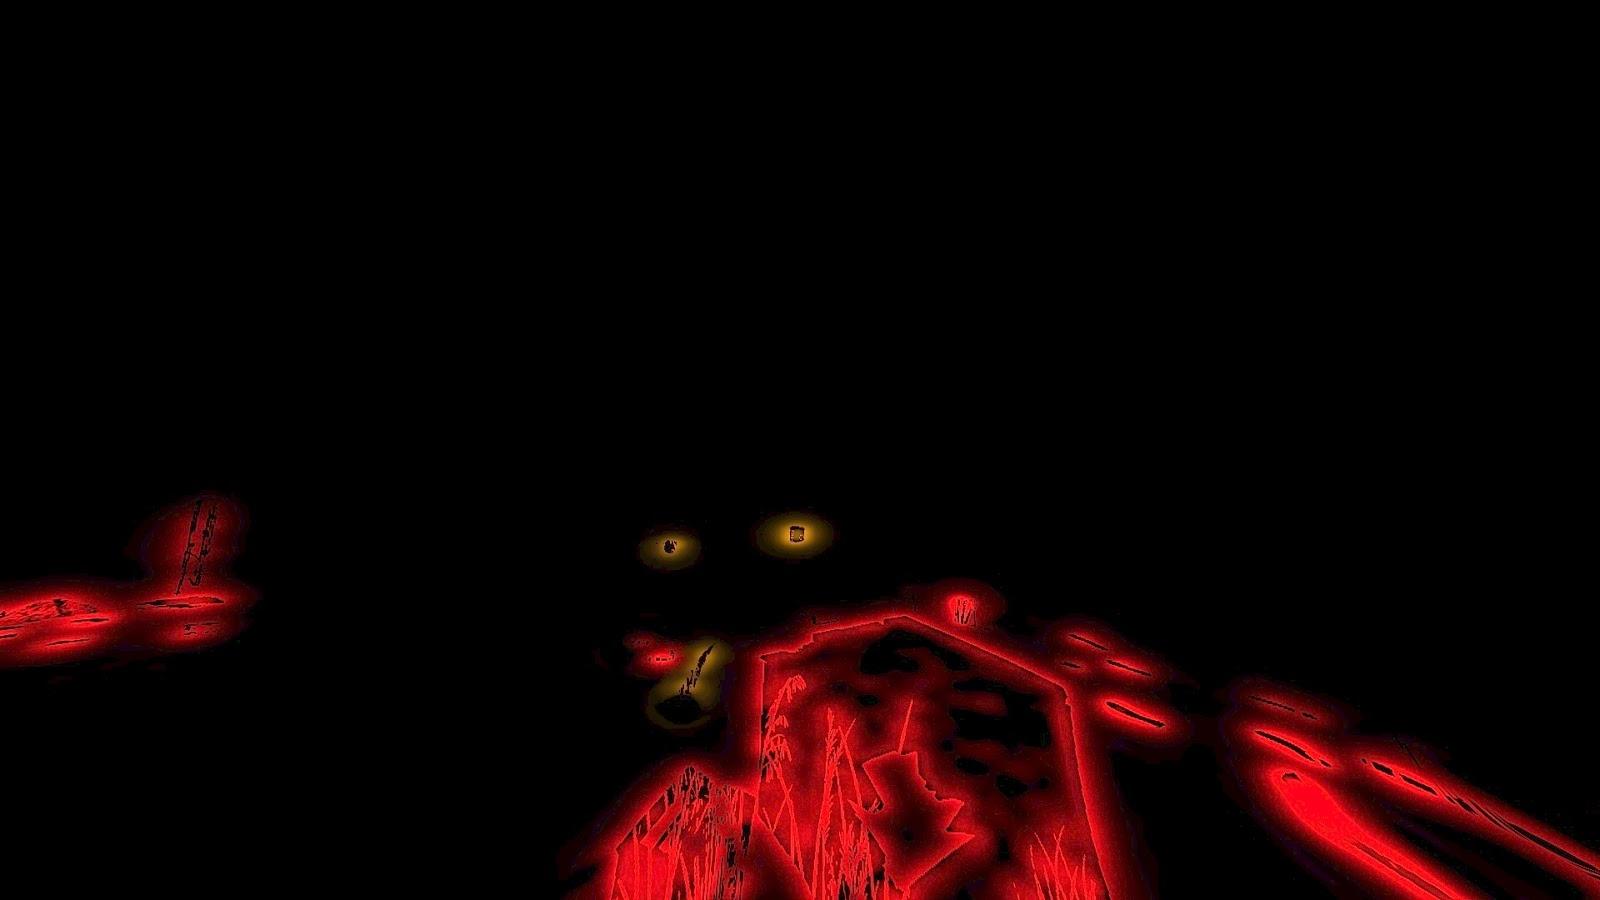 Как реализован рендеринг «Ведьмака 3»: молнии, ведьмачье чутьё и другие эффекты - 59